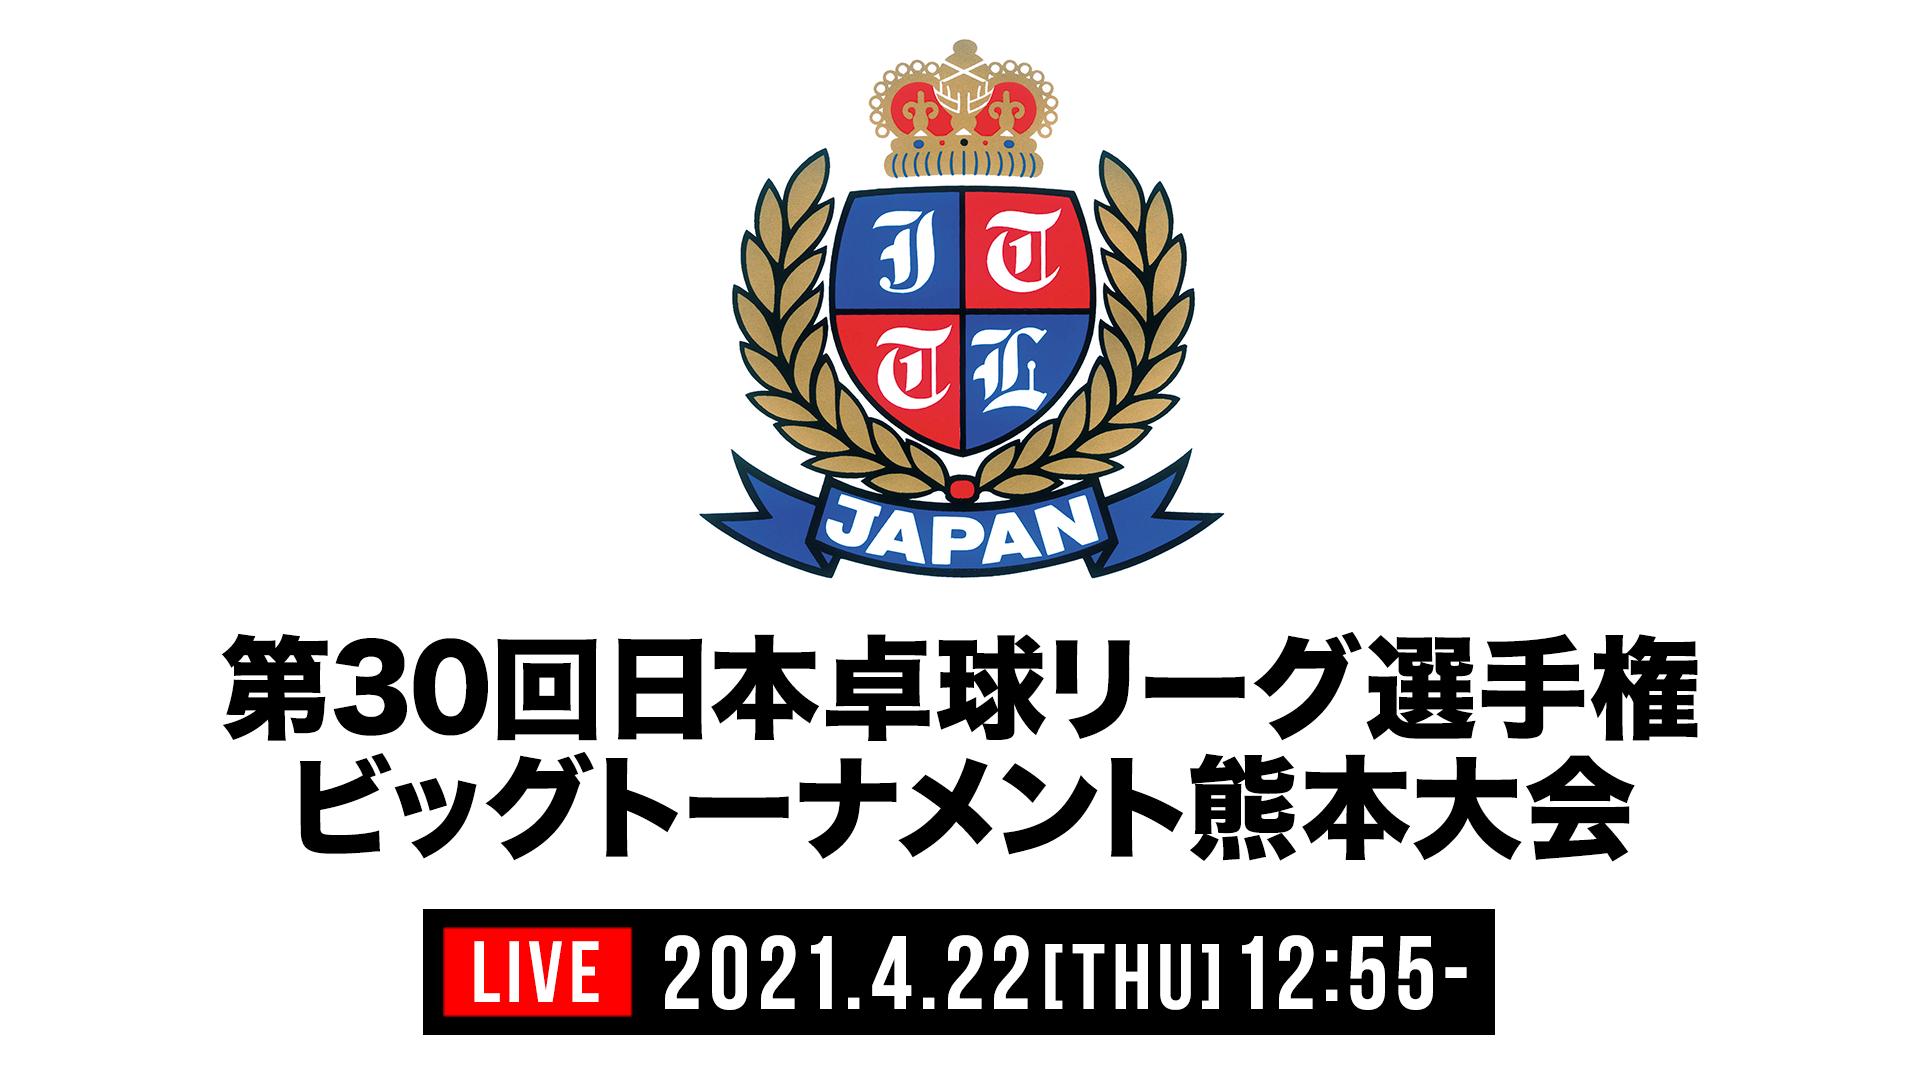 第30回日本卓球リーグ選手権・ビッグトーナメント熊本大会 男女シングルス決勝 LIVE配信